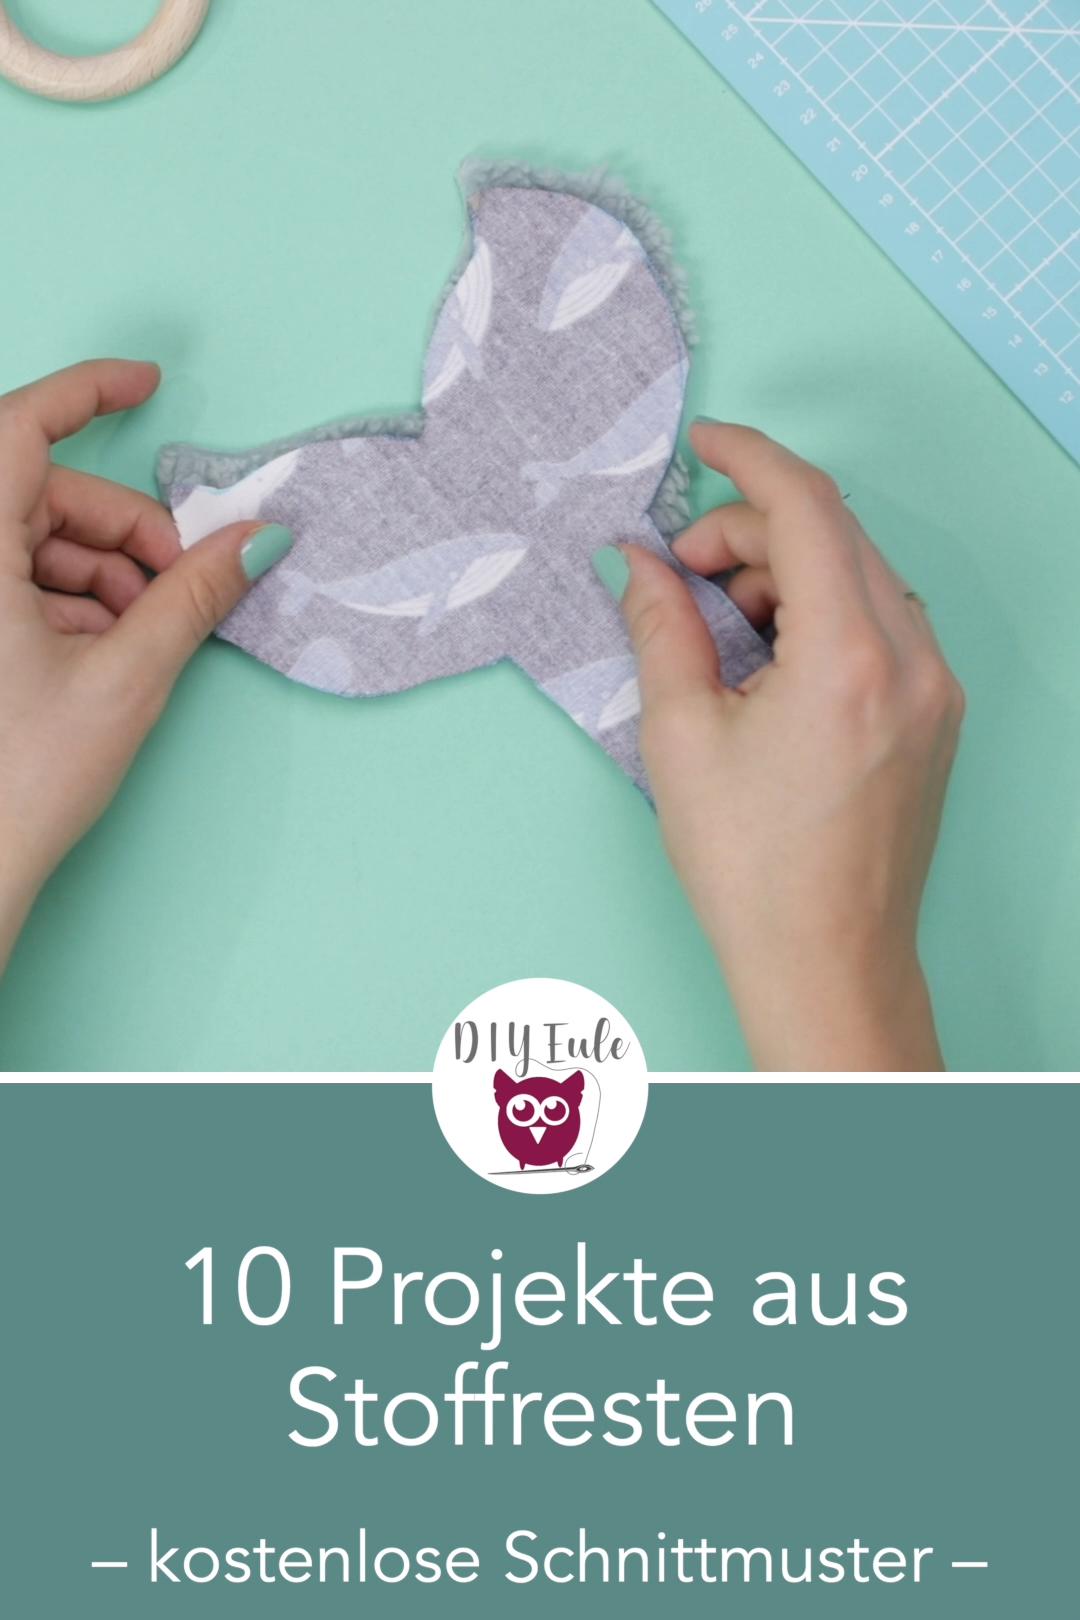 10 Projekte aus Stoffresten